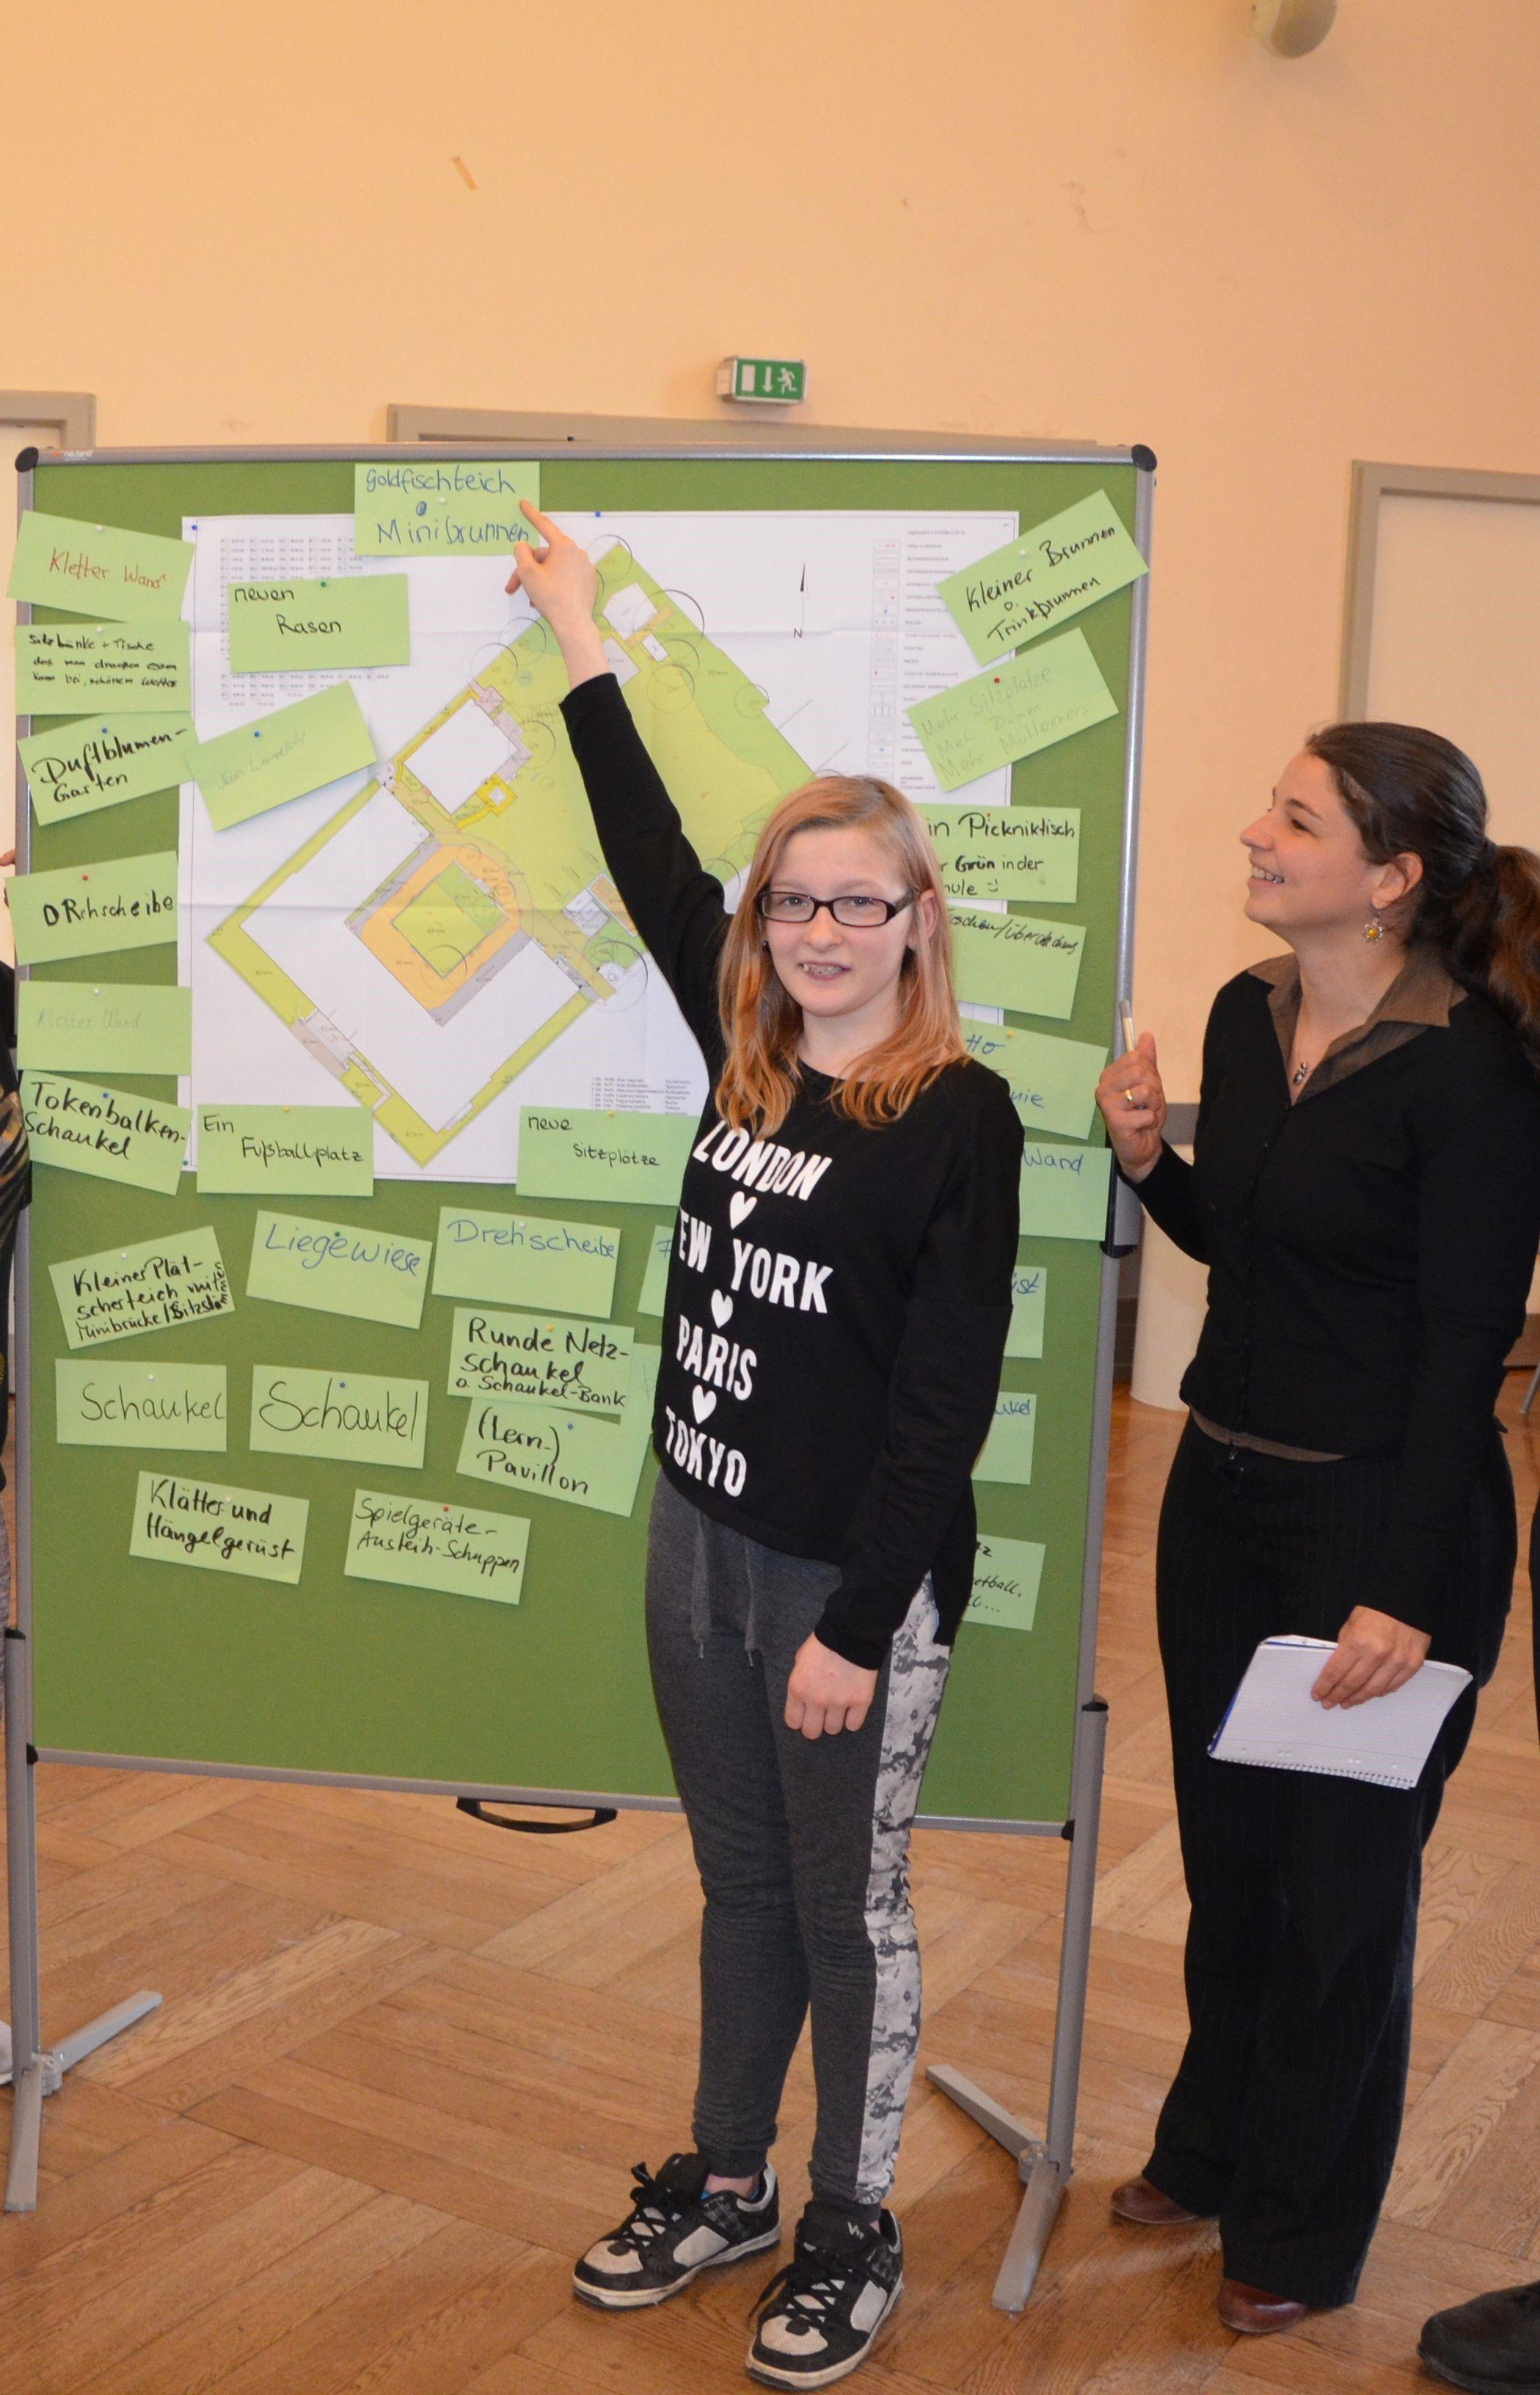 Schülerinnen und Schüler beteiligen sich an der Neugestaltung der Kepler-Schule.  Bild: QM-Team High Deck Siedlung